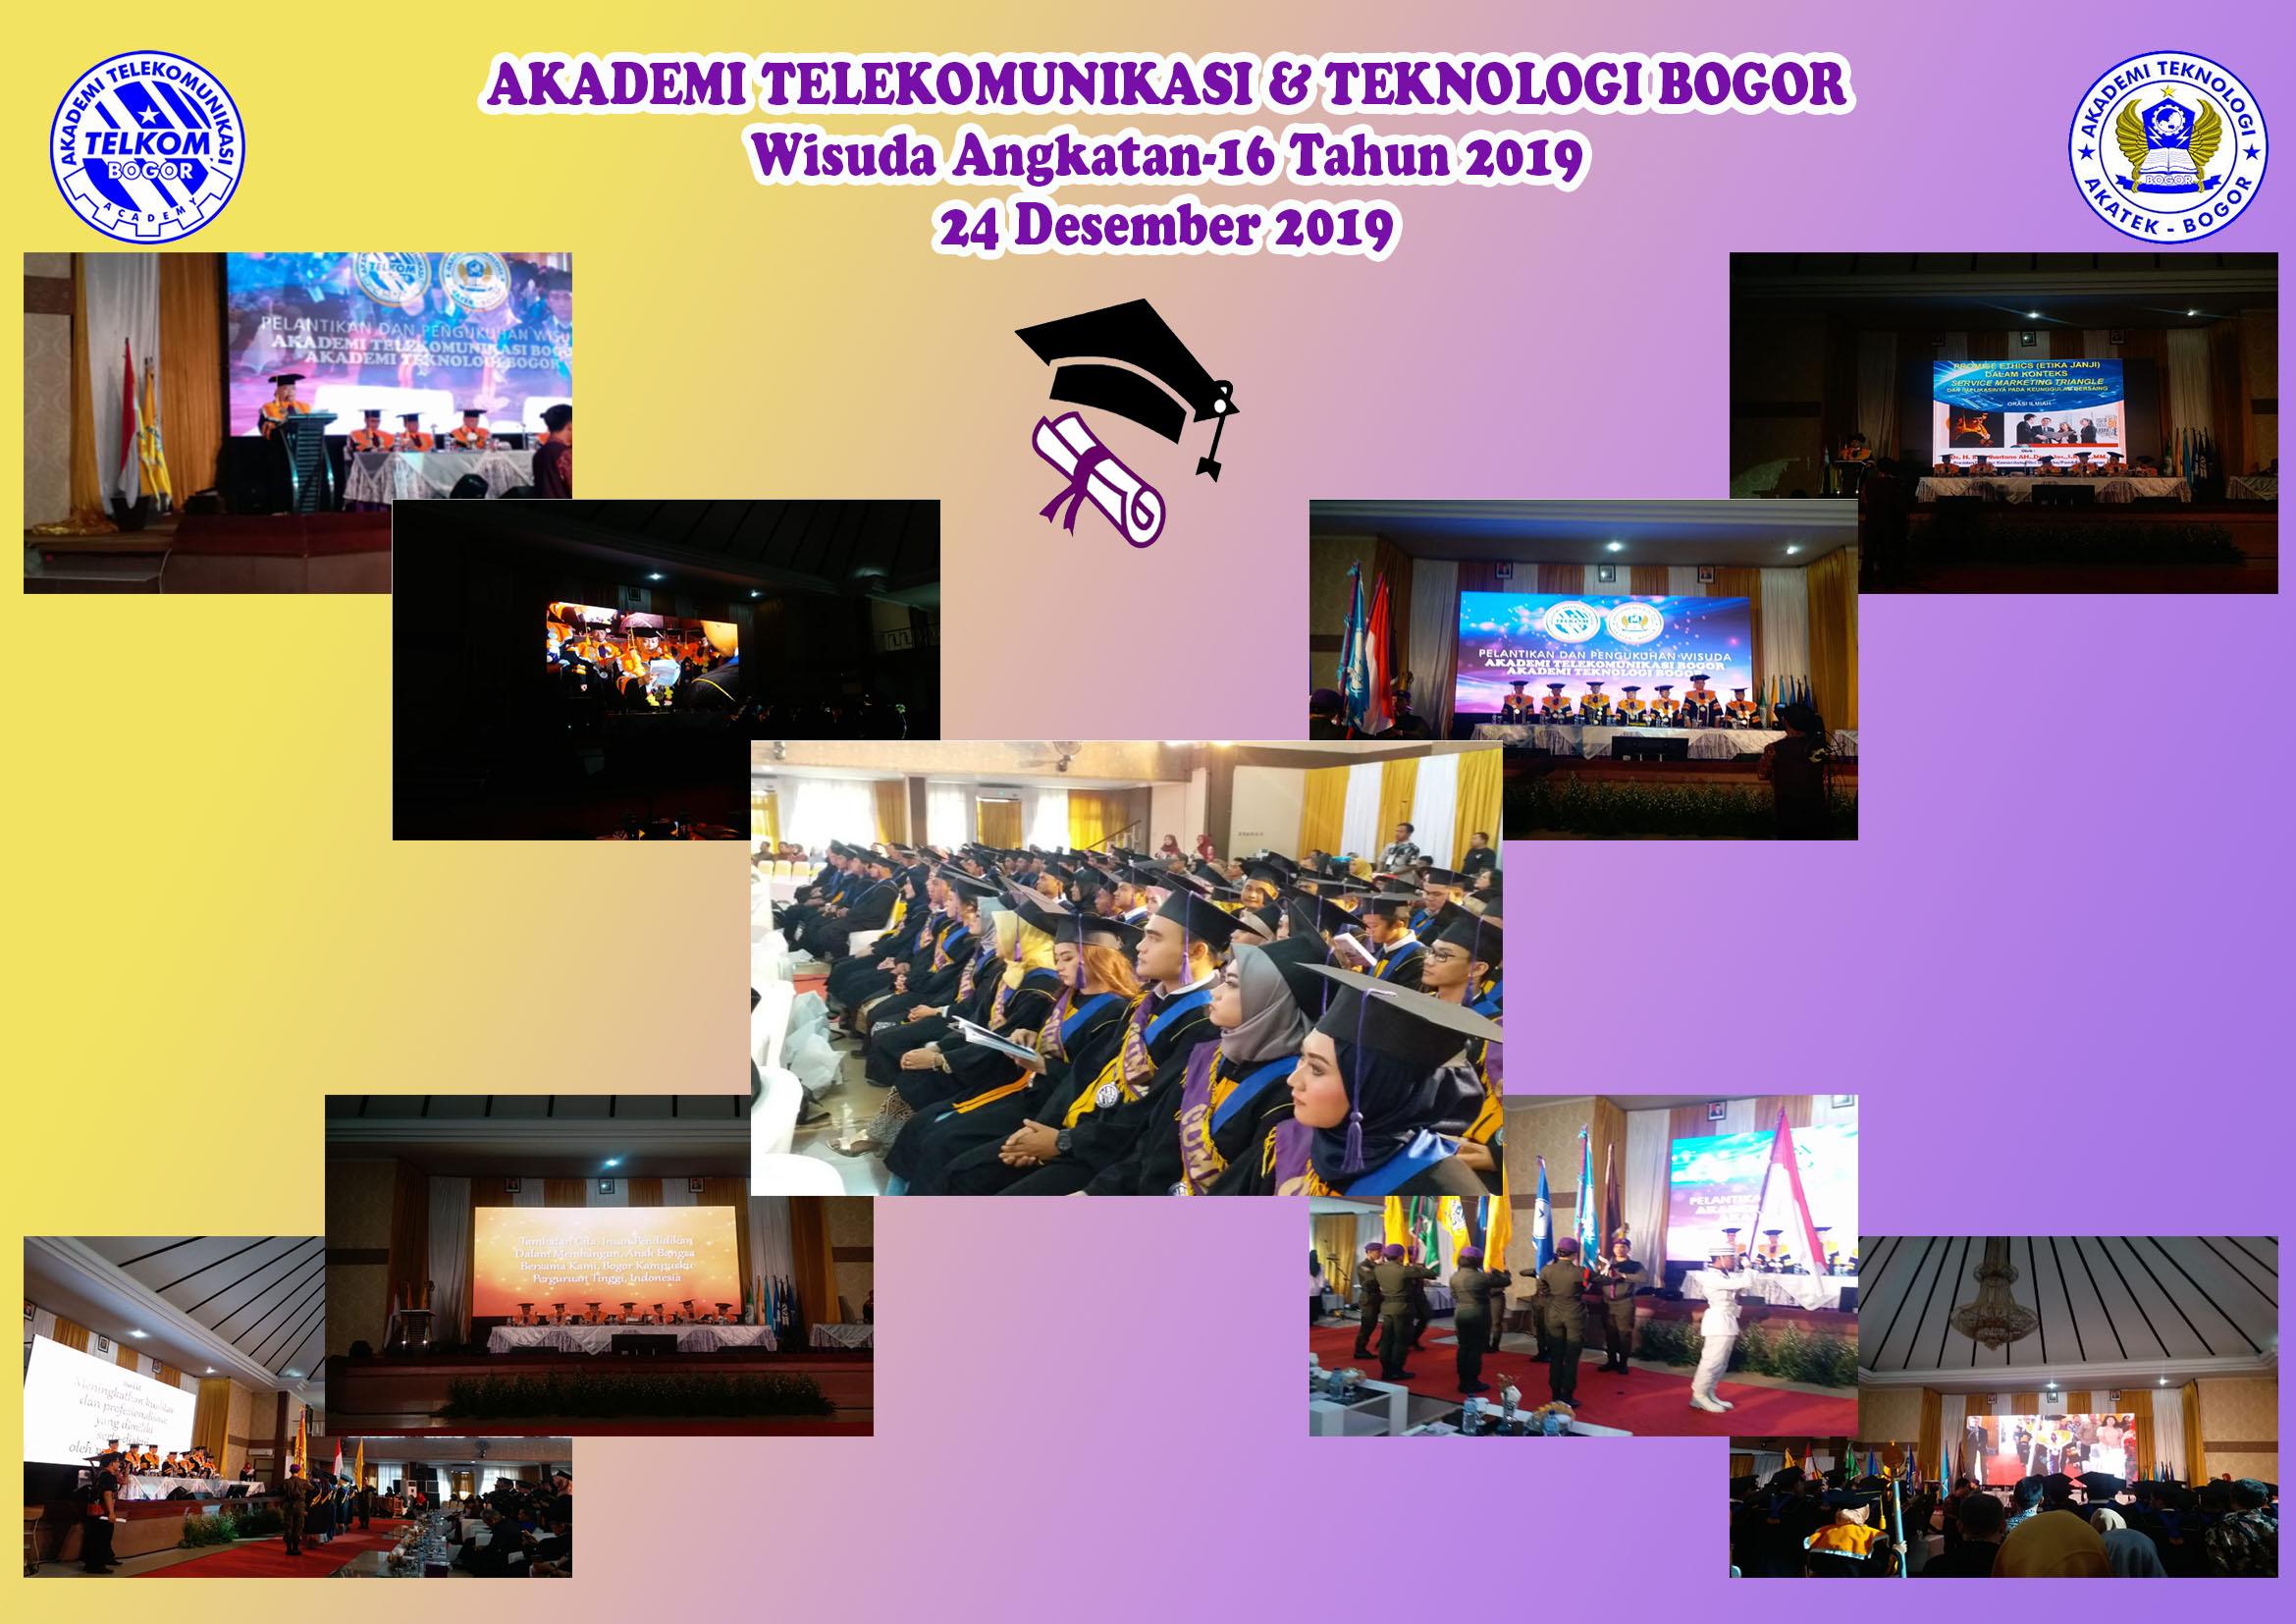 Wisuda Akademi Telekomunikasi Bogor Angkatan -16 Tahun 2019